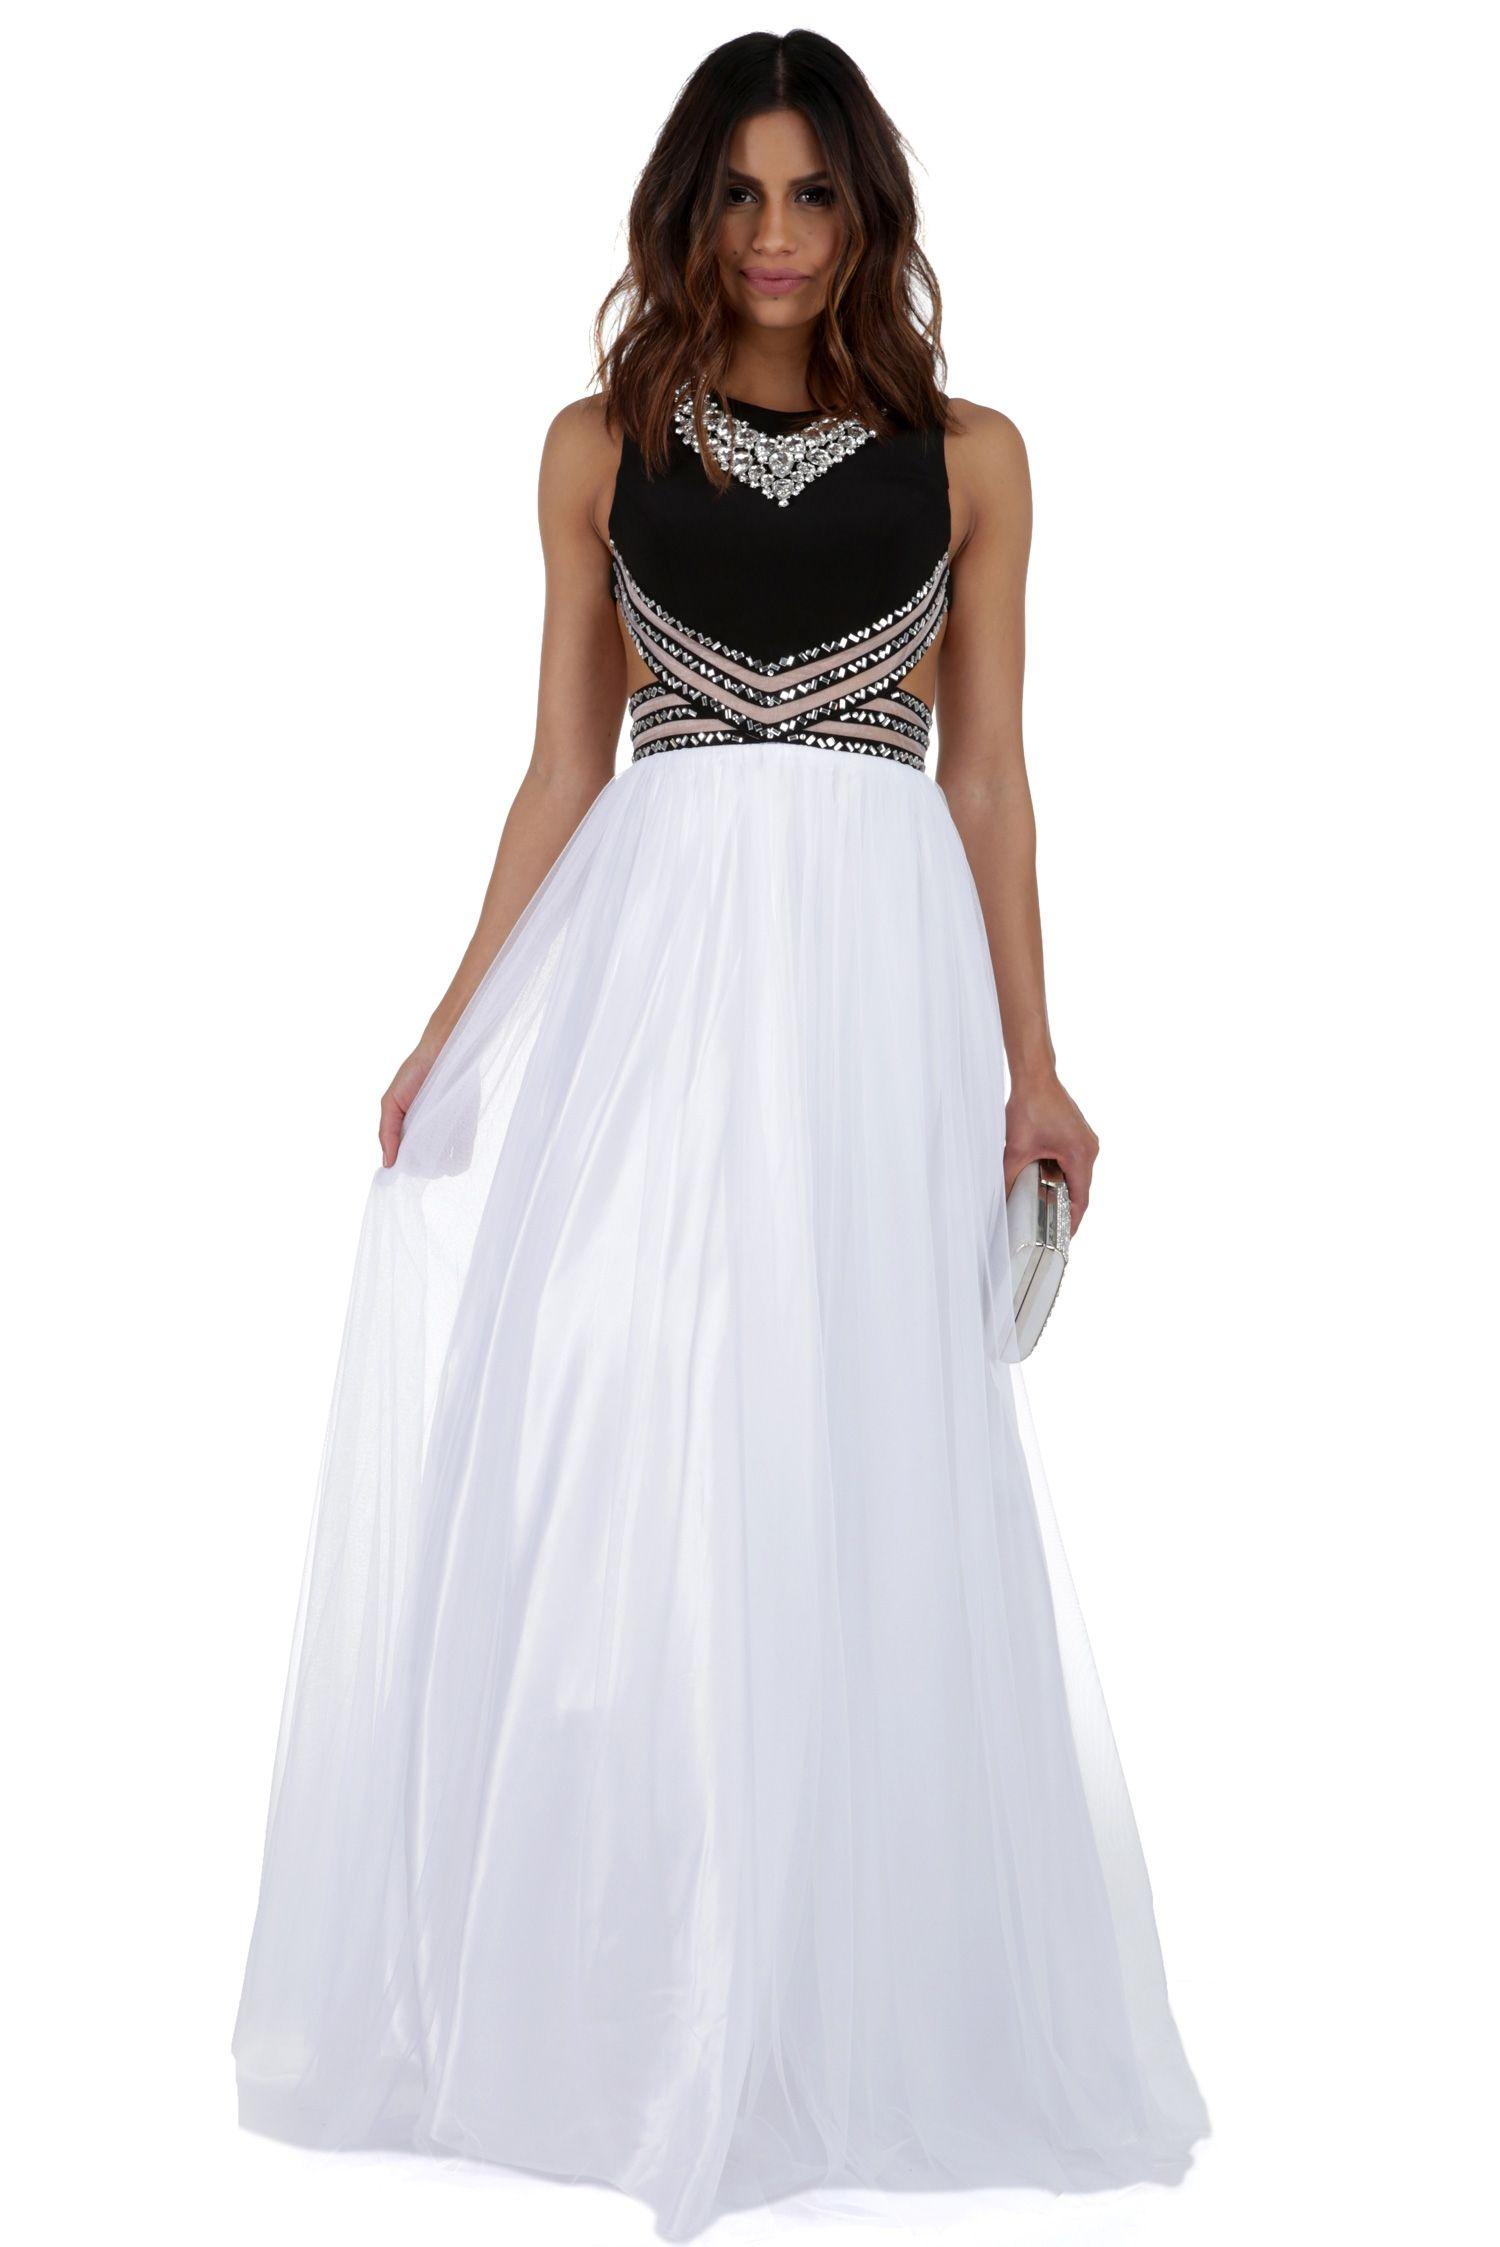 Beste Windsor Prom Kleider Ideen - Hochzeit Kleid Stile Ideen ...